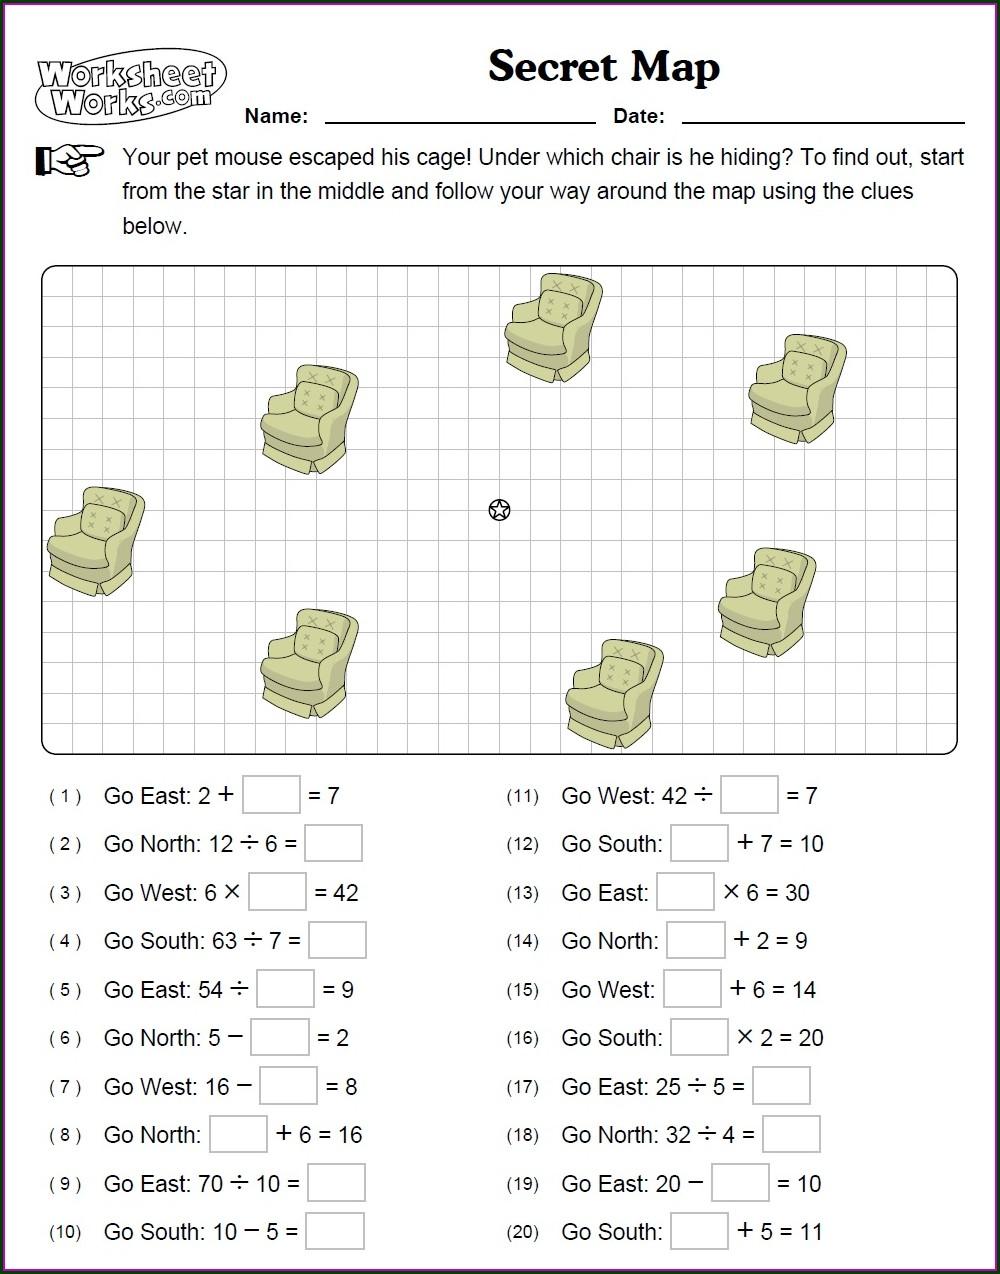 Worksheet Works Secret Map